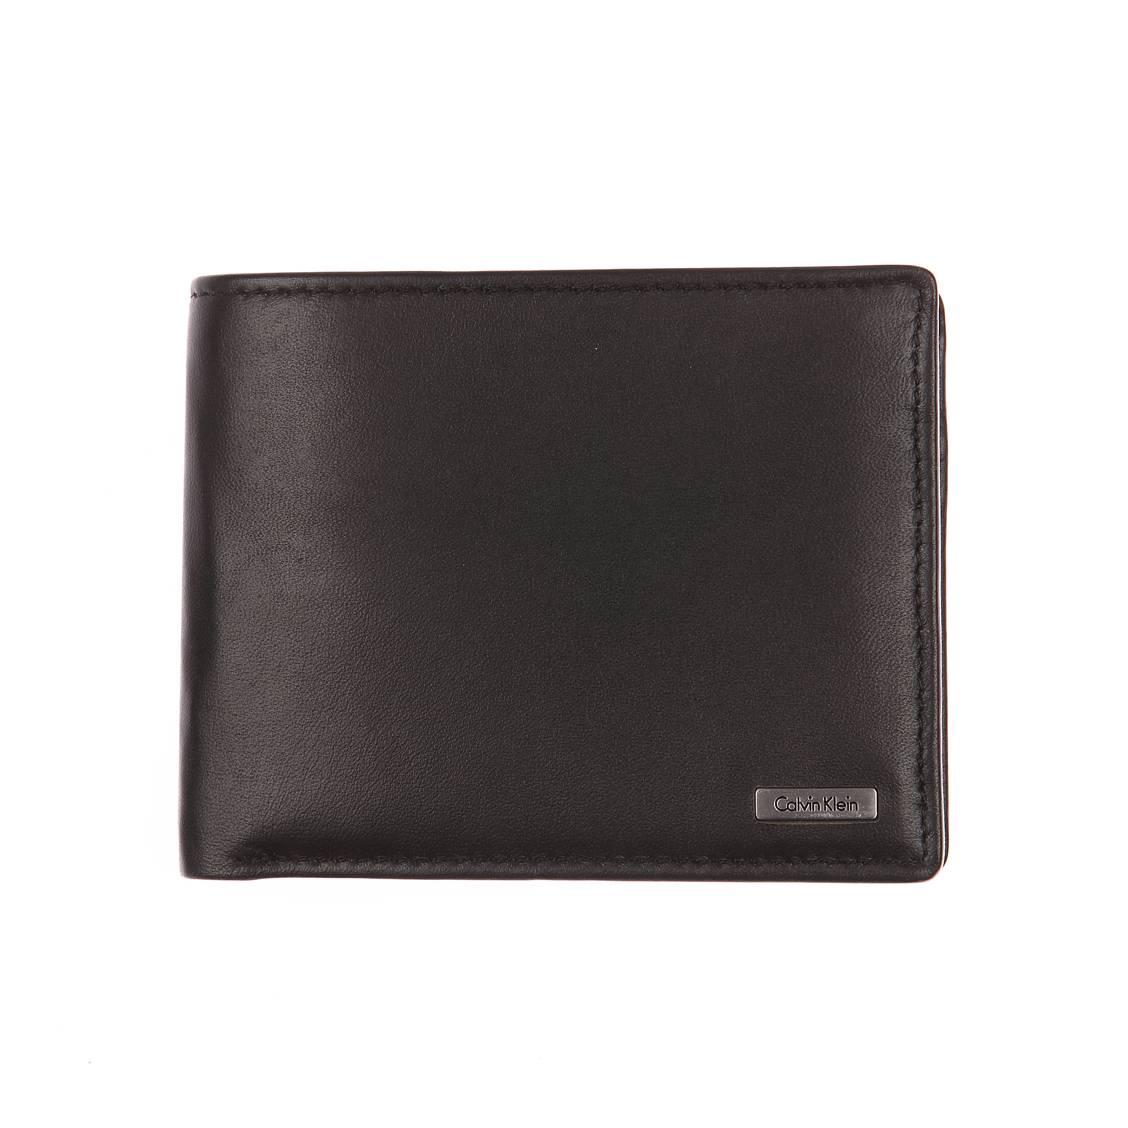 Portefeuille italien calvin klein jeans en cuir lisse noir avec porte monnaie rue des hommes - Portefeuille cuir homme avec porte monnaie ...